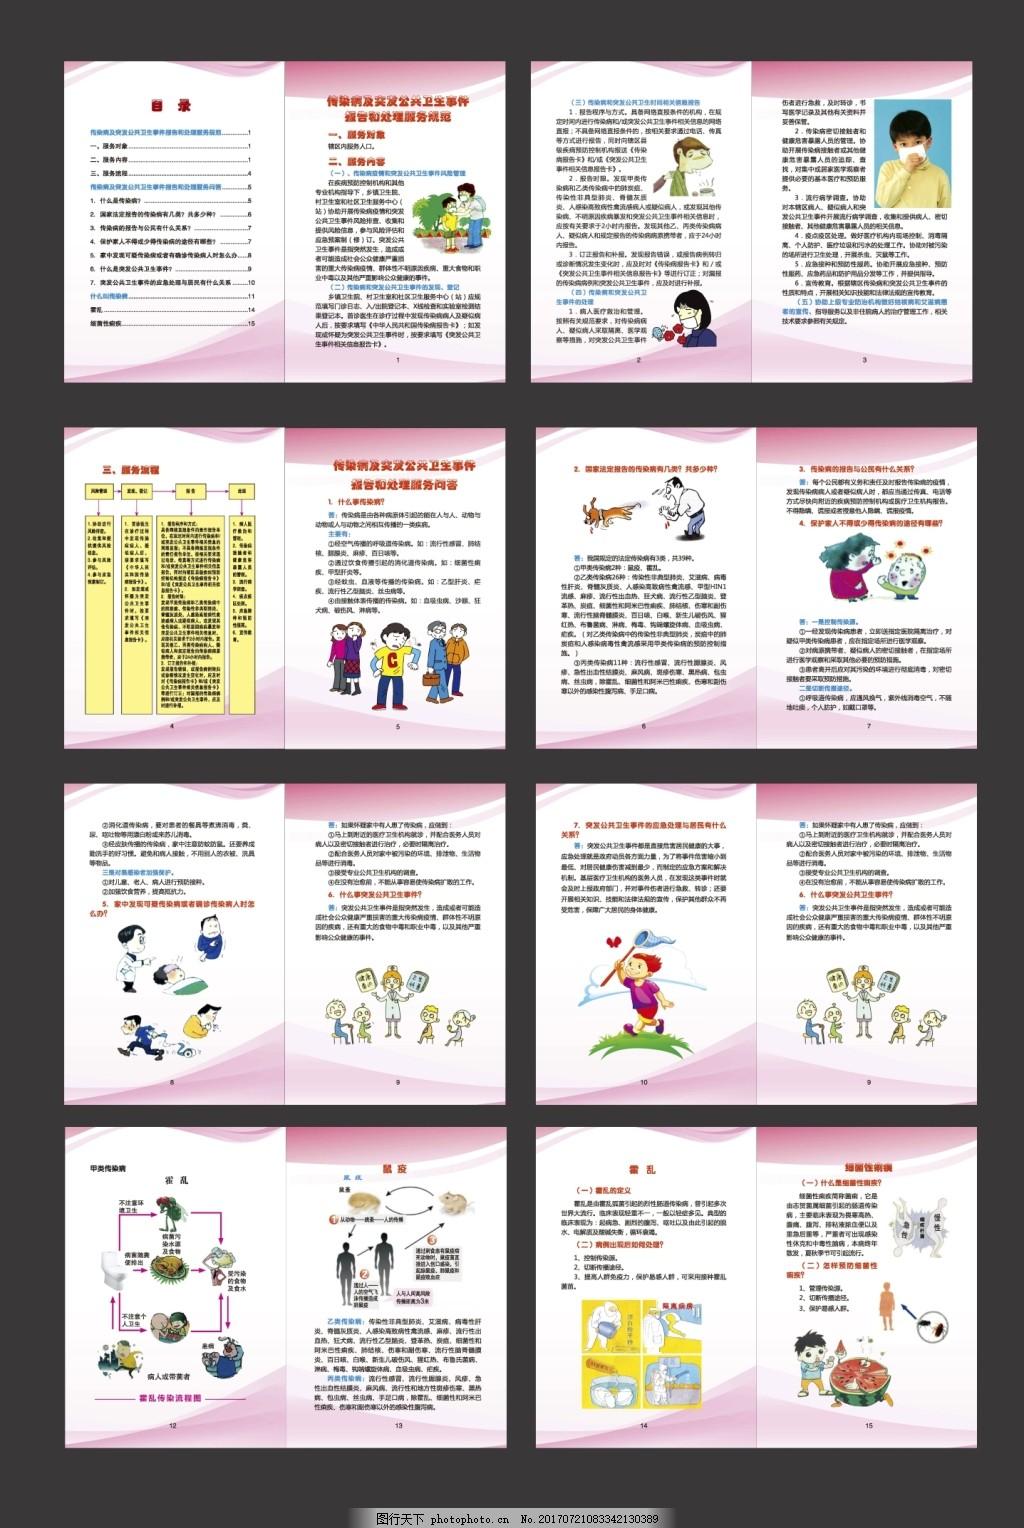 传染病宣传册画册设计模板 传染病预检手册 传染病知识手册 传染病宣传手册